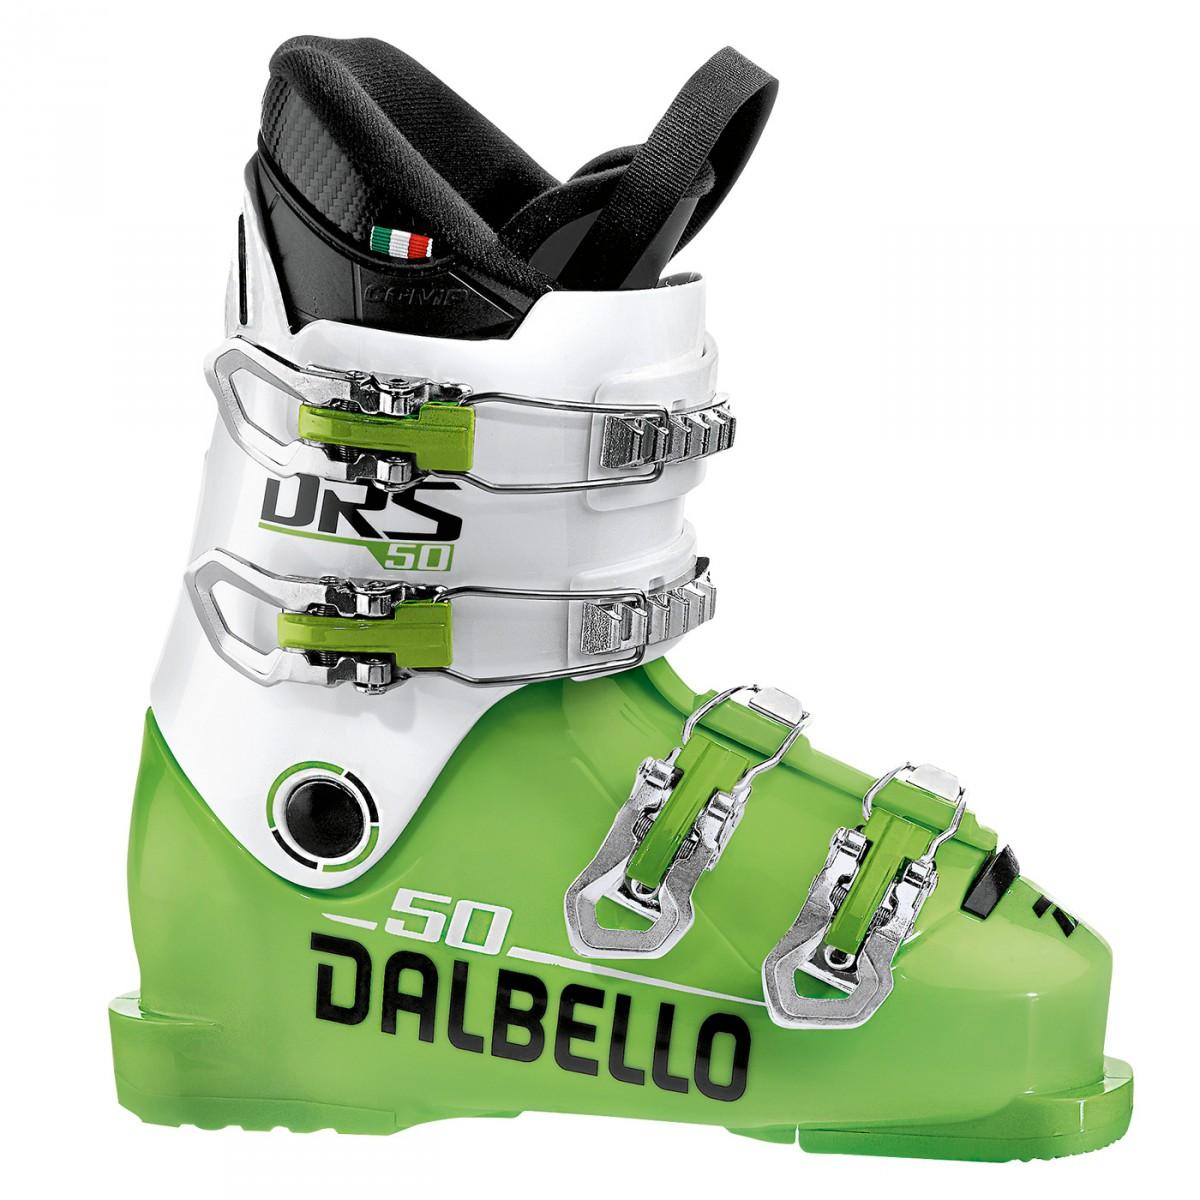 Scarponi sci Dalbello Drs 50 Avanti (Colore: verde-bianco, Taglia: 21)